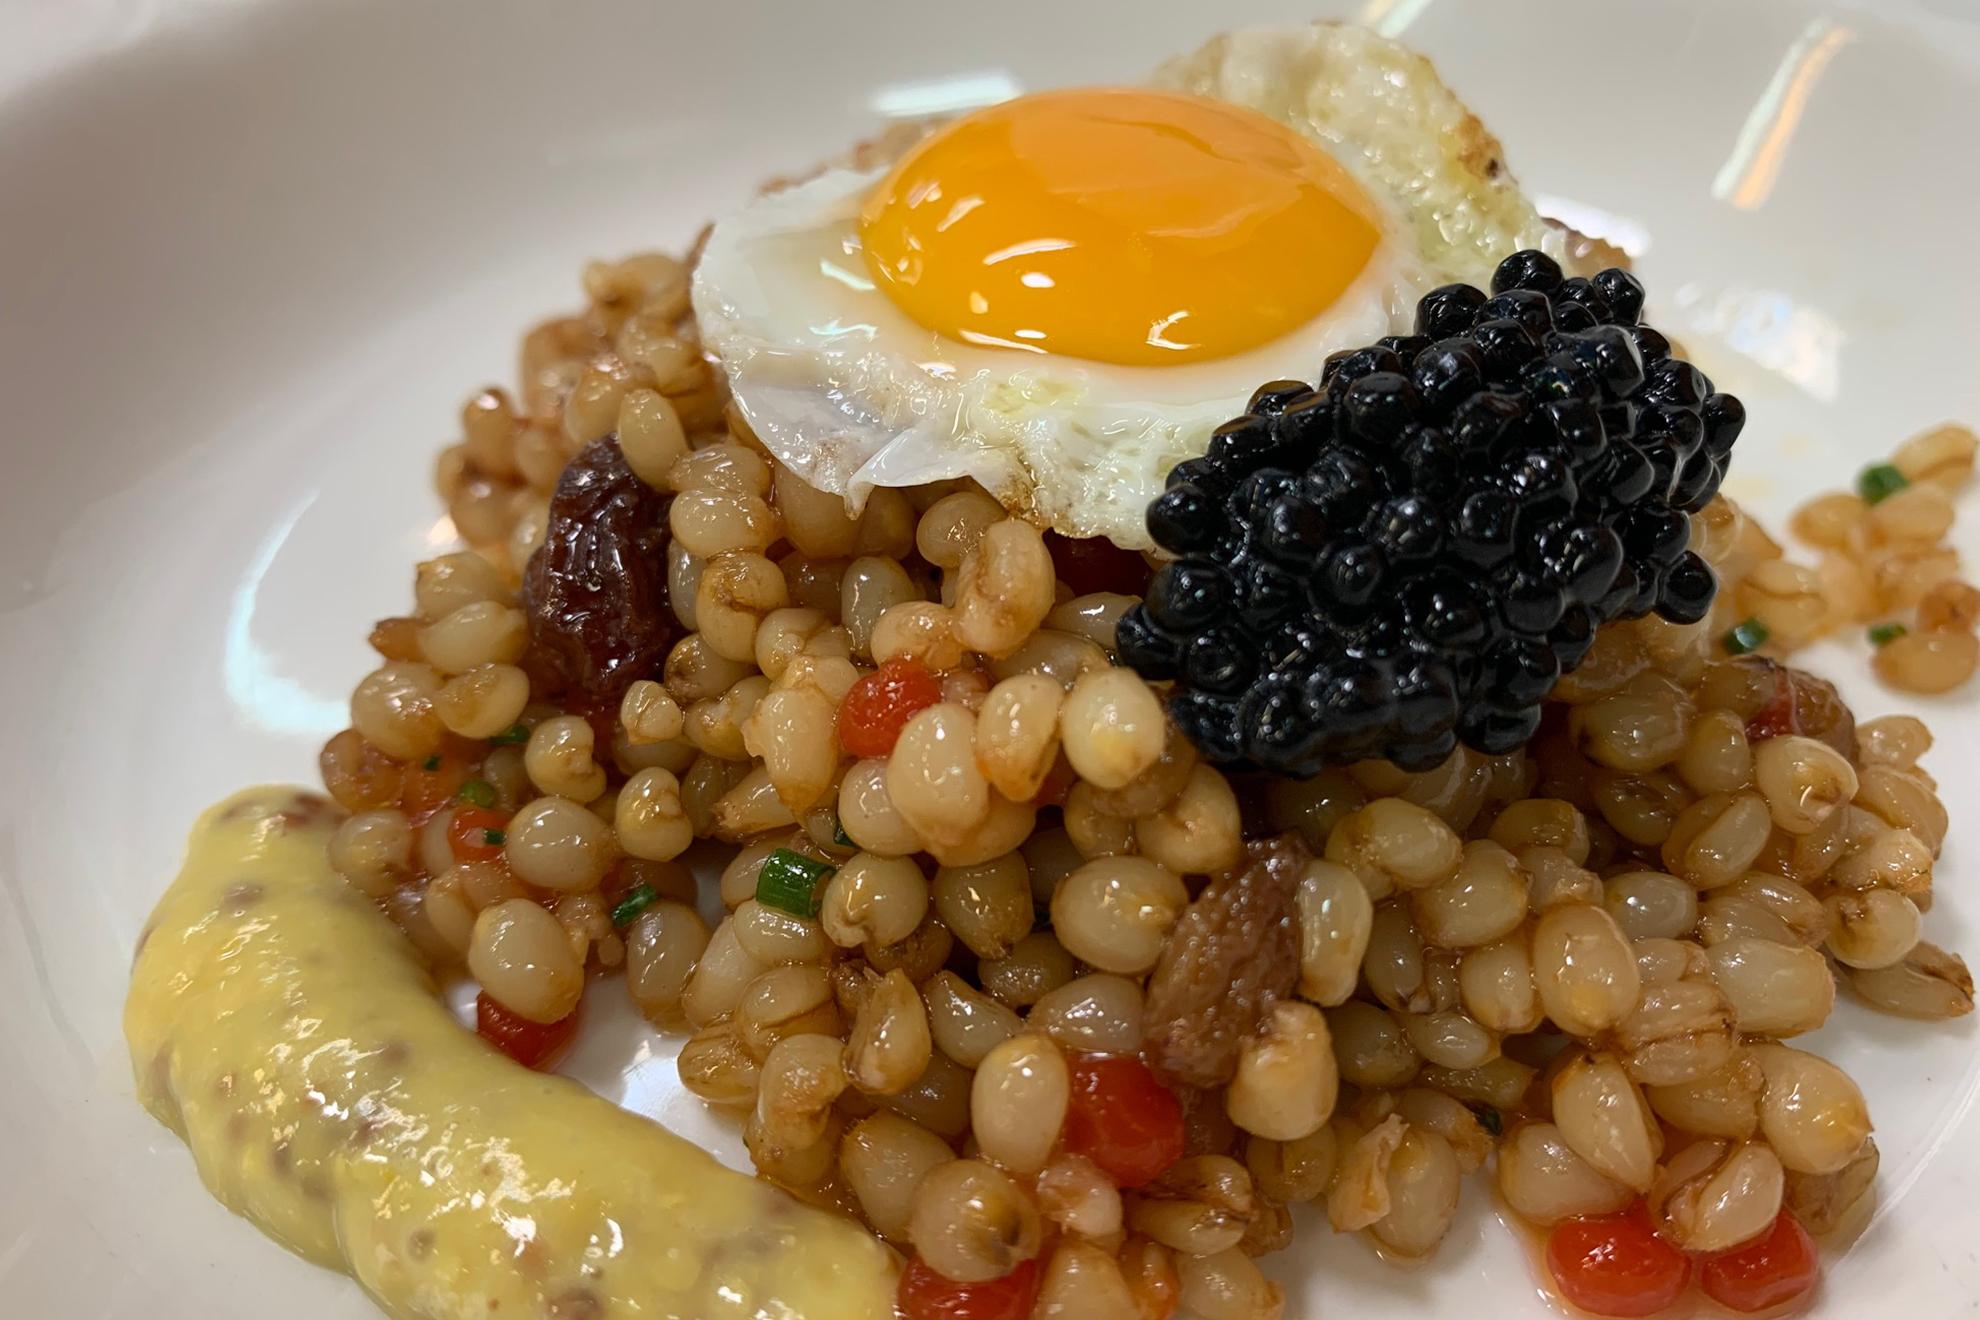 Jornadas Gastronómicas De La Sal y El Estero | Restaurante La Alegría de AFANAS